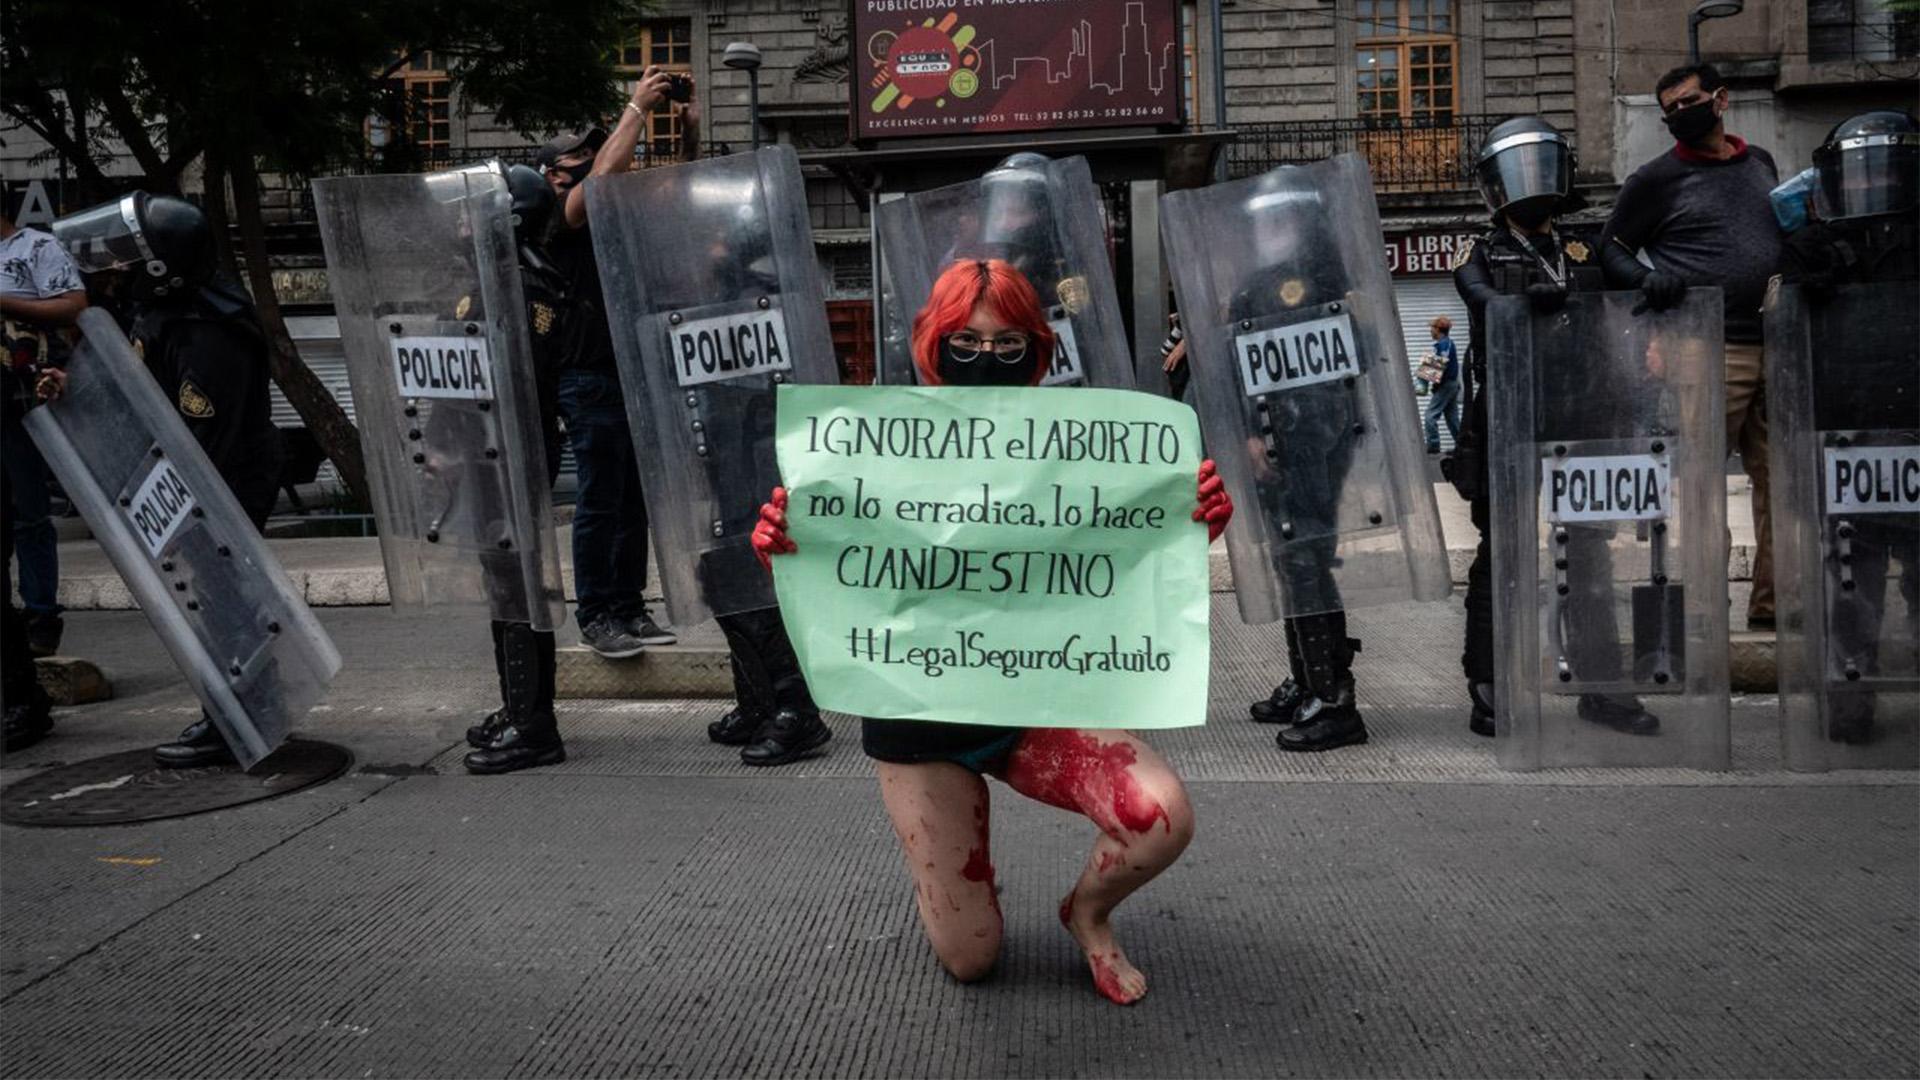 Mujeres rechazaron la decisión de la SCJN de no aprobar un proyecto de ley que legalizaría el aborto en el estado de Veracruz (Foto: Cuartoscuro)